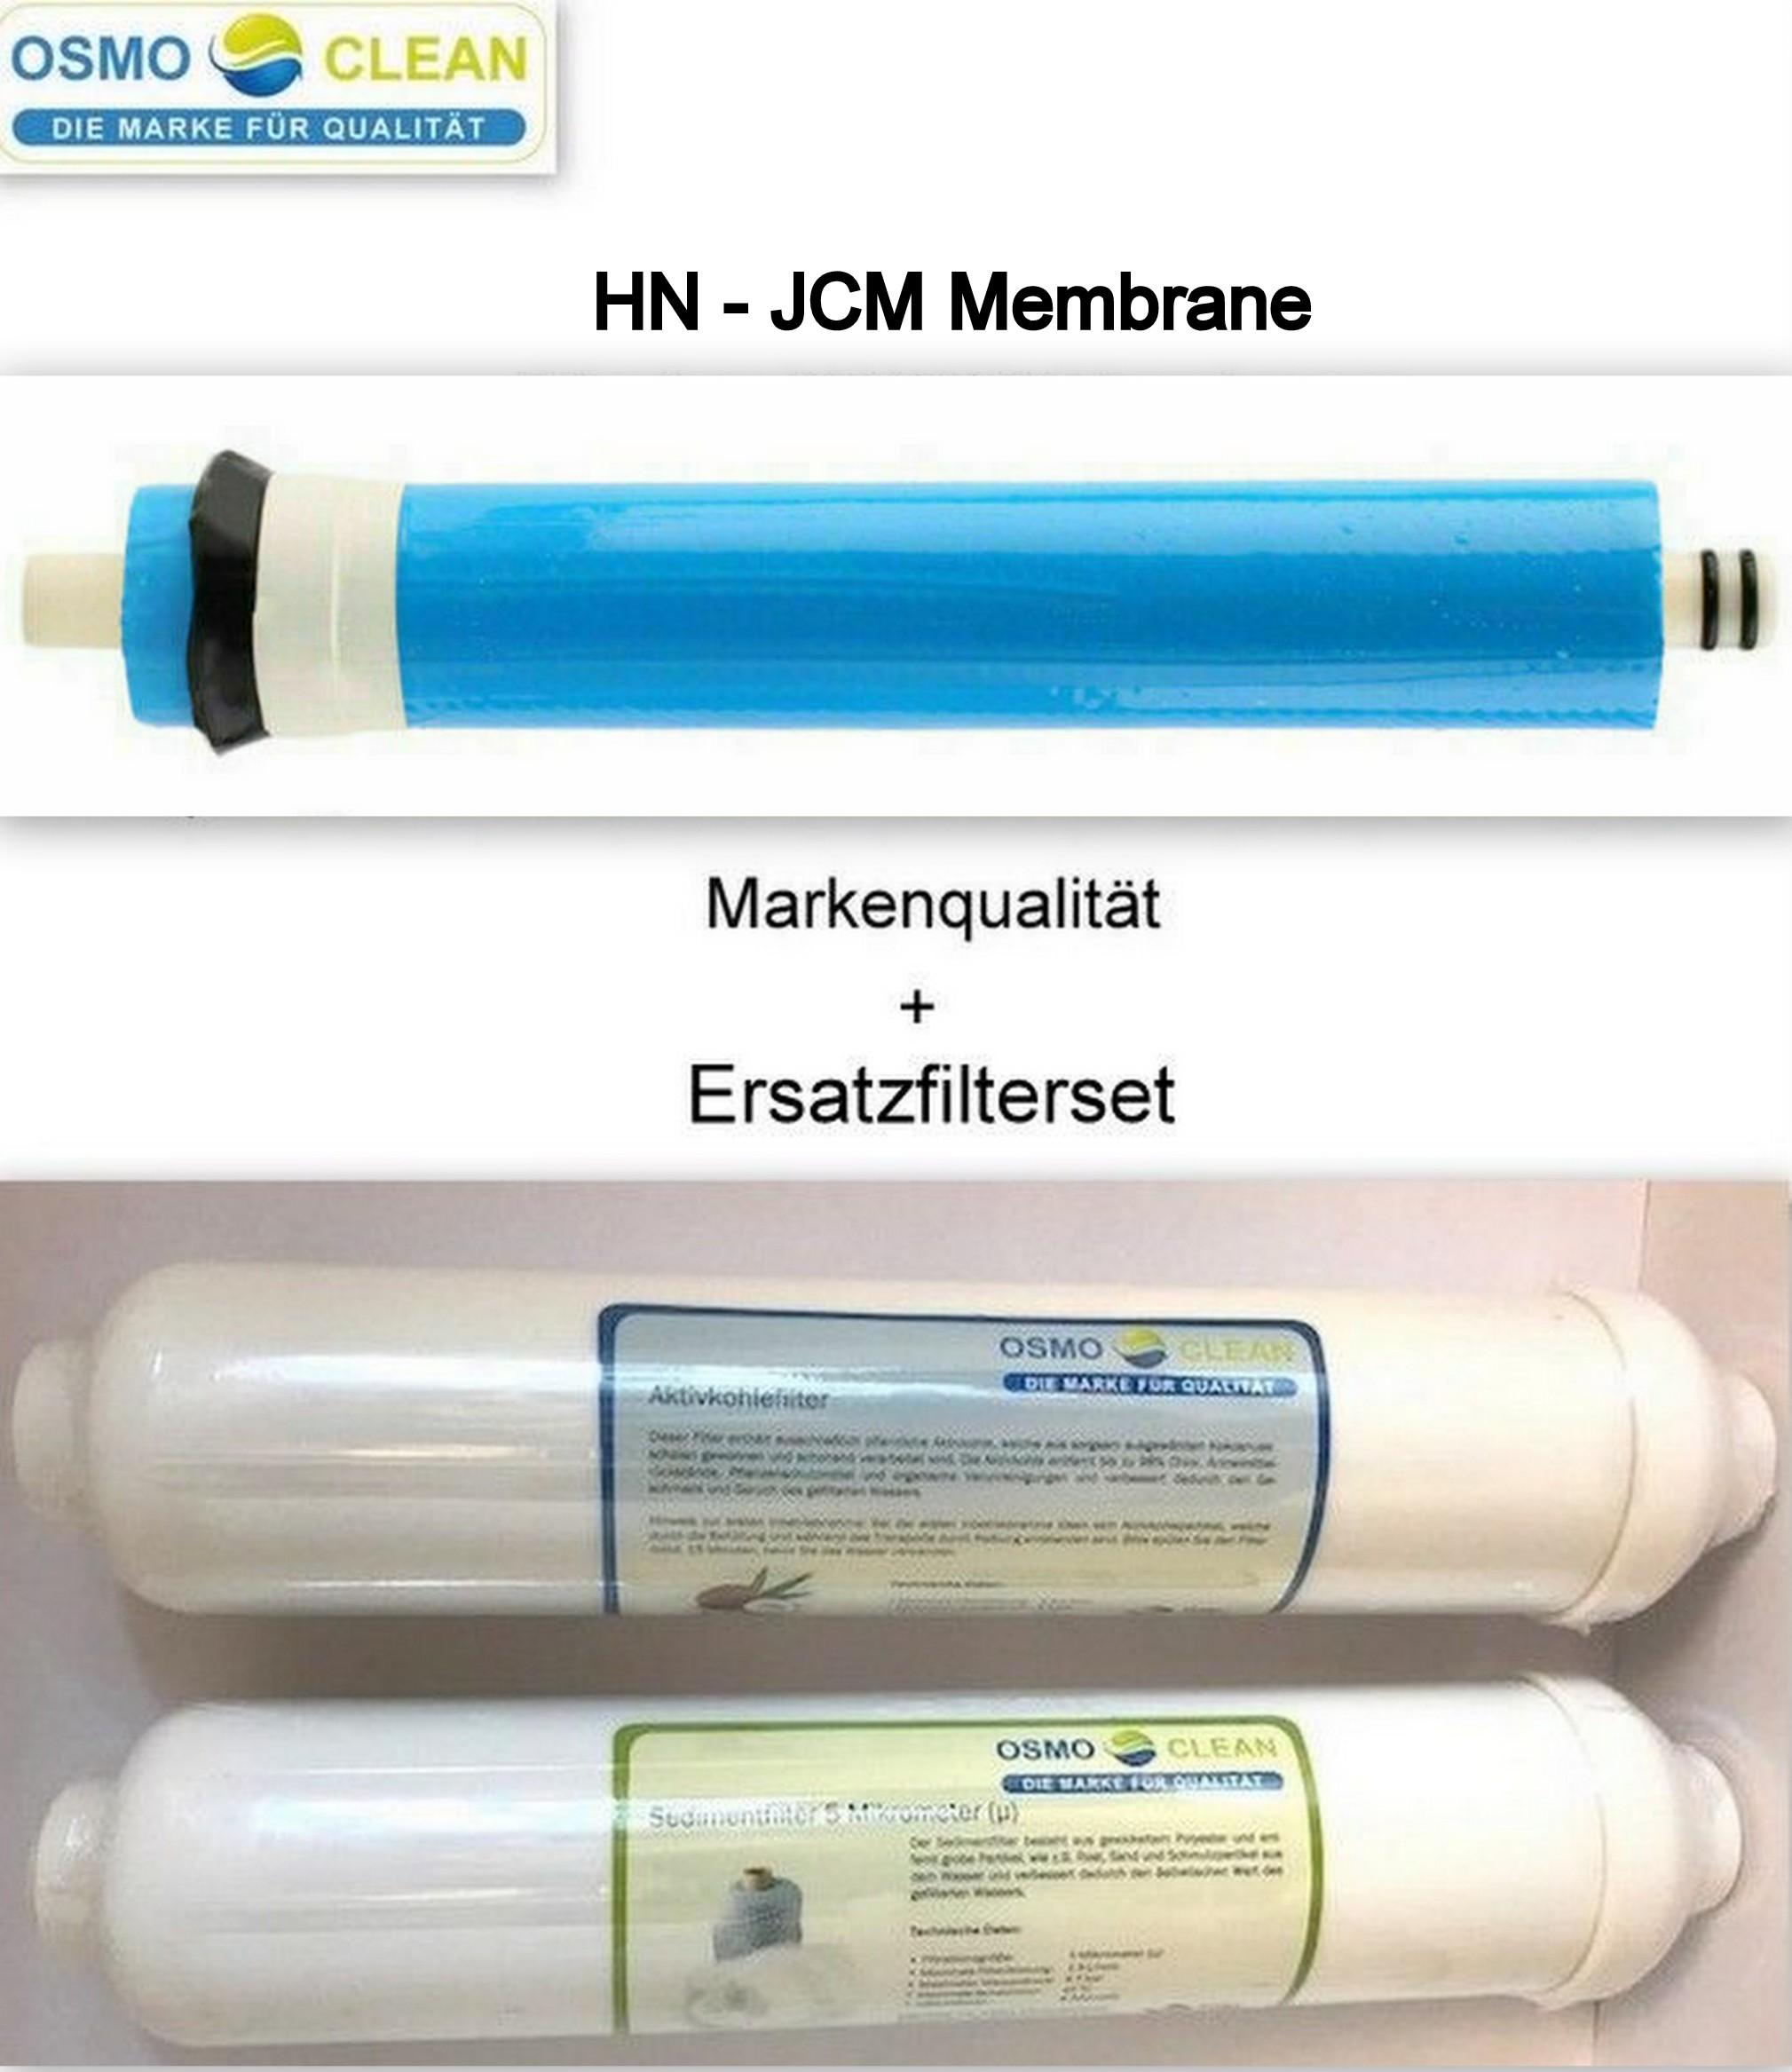 Packung Membrane kompatibel mit allen Osmose-Systemen Ersatzfilter f/ür Wasserreiniger 5-stufige Umkehrosmose-Filter JACAR